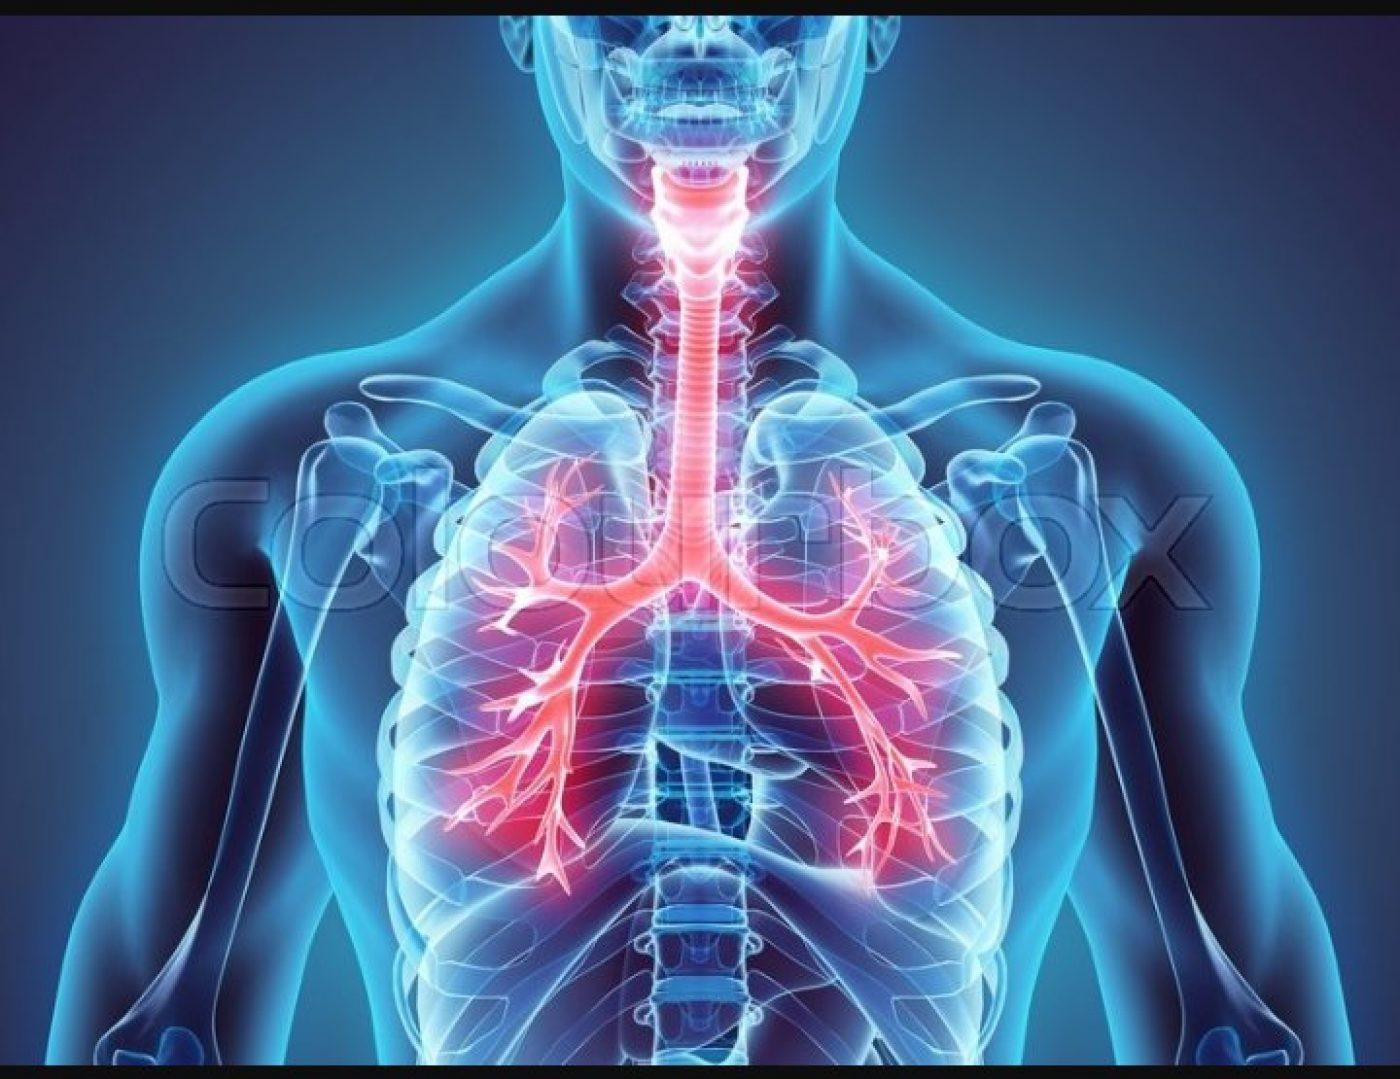 بحث حول امراض الجهاز التنفسي